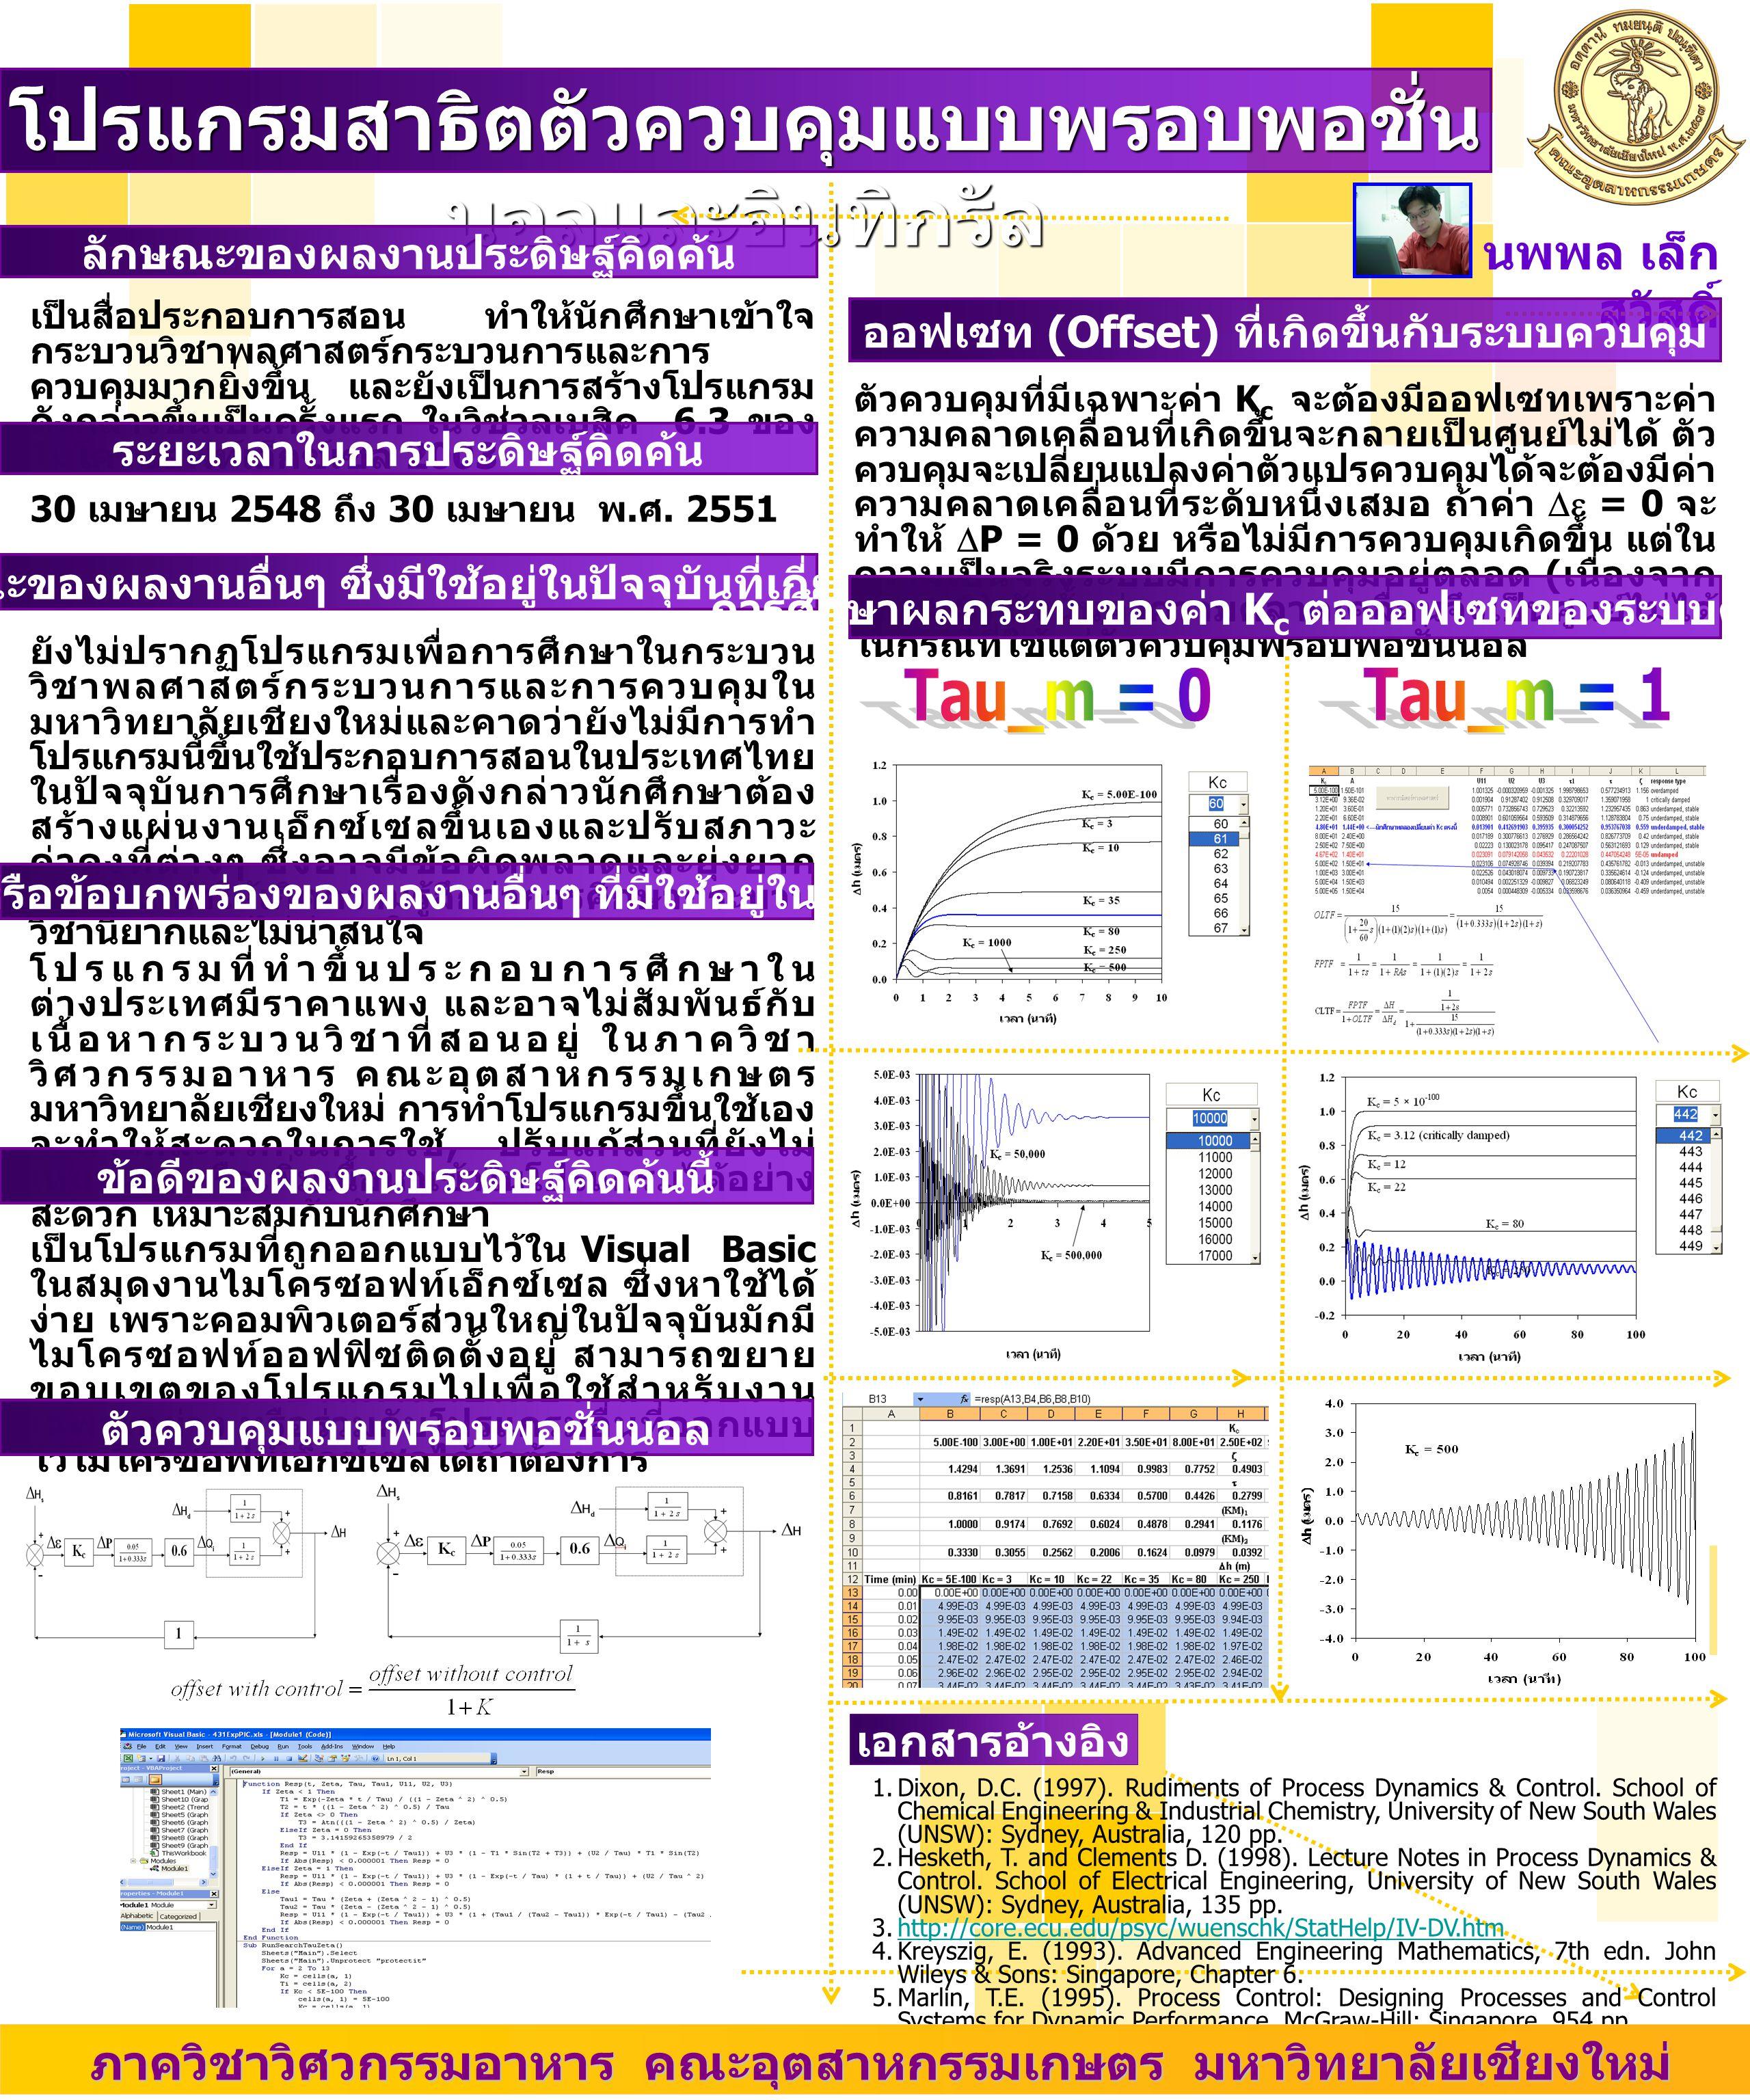 เป็นสื่อประกอบการสอน ทำให้นักศึกษาเข้าใจ กระบวนวิชาพลศาสตร์กระบวนการและการ ควบคุมมากยิ่งขึ้น และยังเป็นการสร้างโปรแกรม ดังกล่าวขึ้นเป็นครั้งแรก ในวิช่วลเบสิค 6.3 ของ ไมโครซอฟท์เอ็กซ์เซล 2003 โปรแกรมสาธิตตัวควบคุมแบบพรอบพอชั่น นอลและอินทิกรัล นพพล เล็ก สวัสดิ์ ลักษณะของผลงานประดิษฐ์คิดค้น เอกสารอ้างอิง 1.